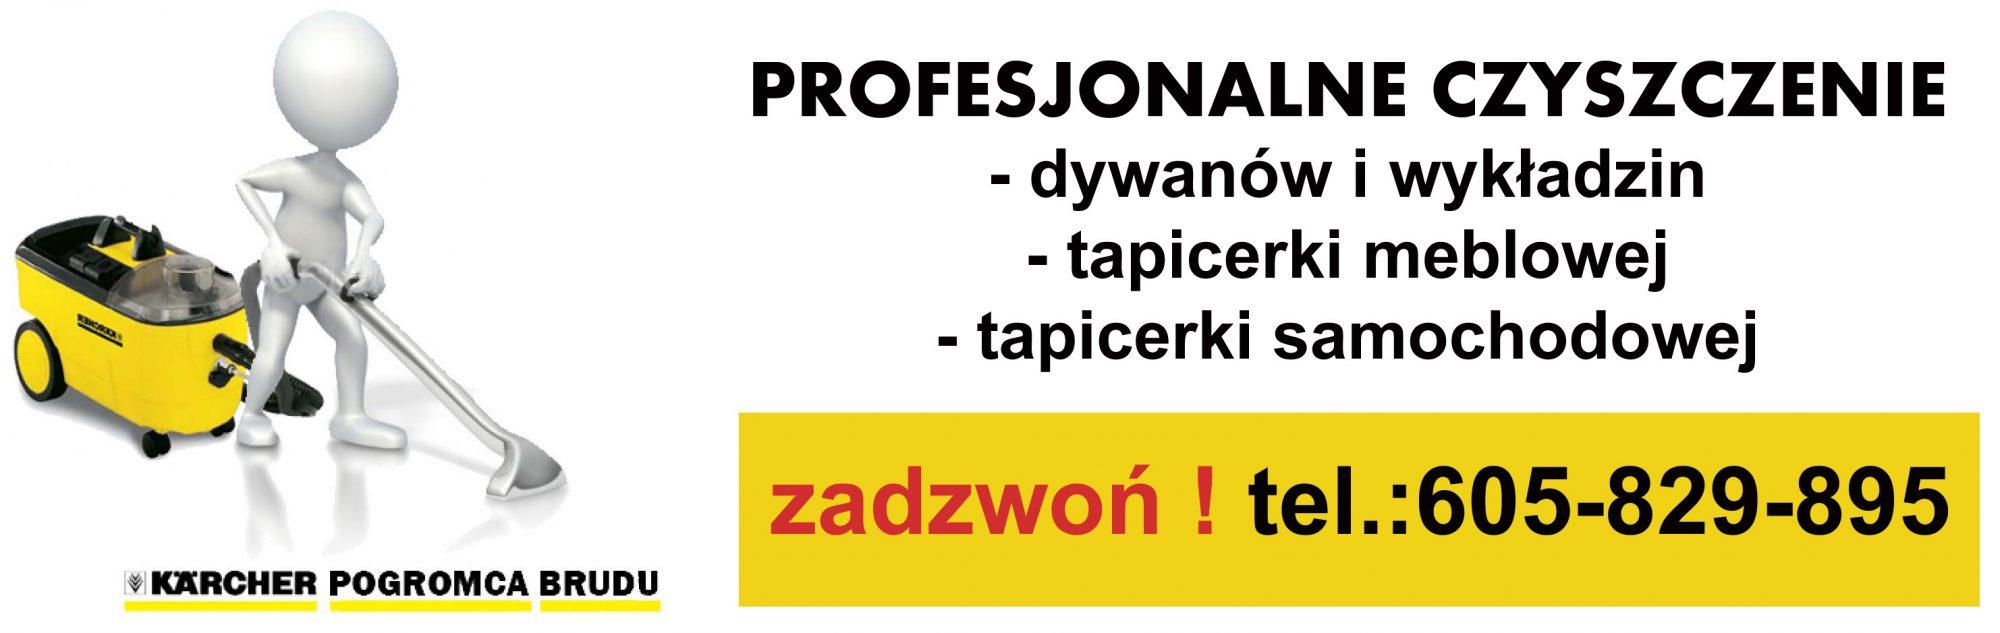 Czyszczenie dywanów w Krakowie